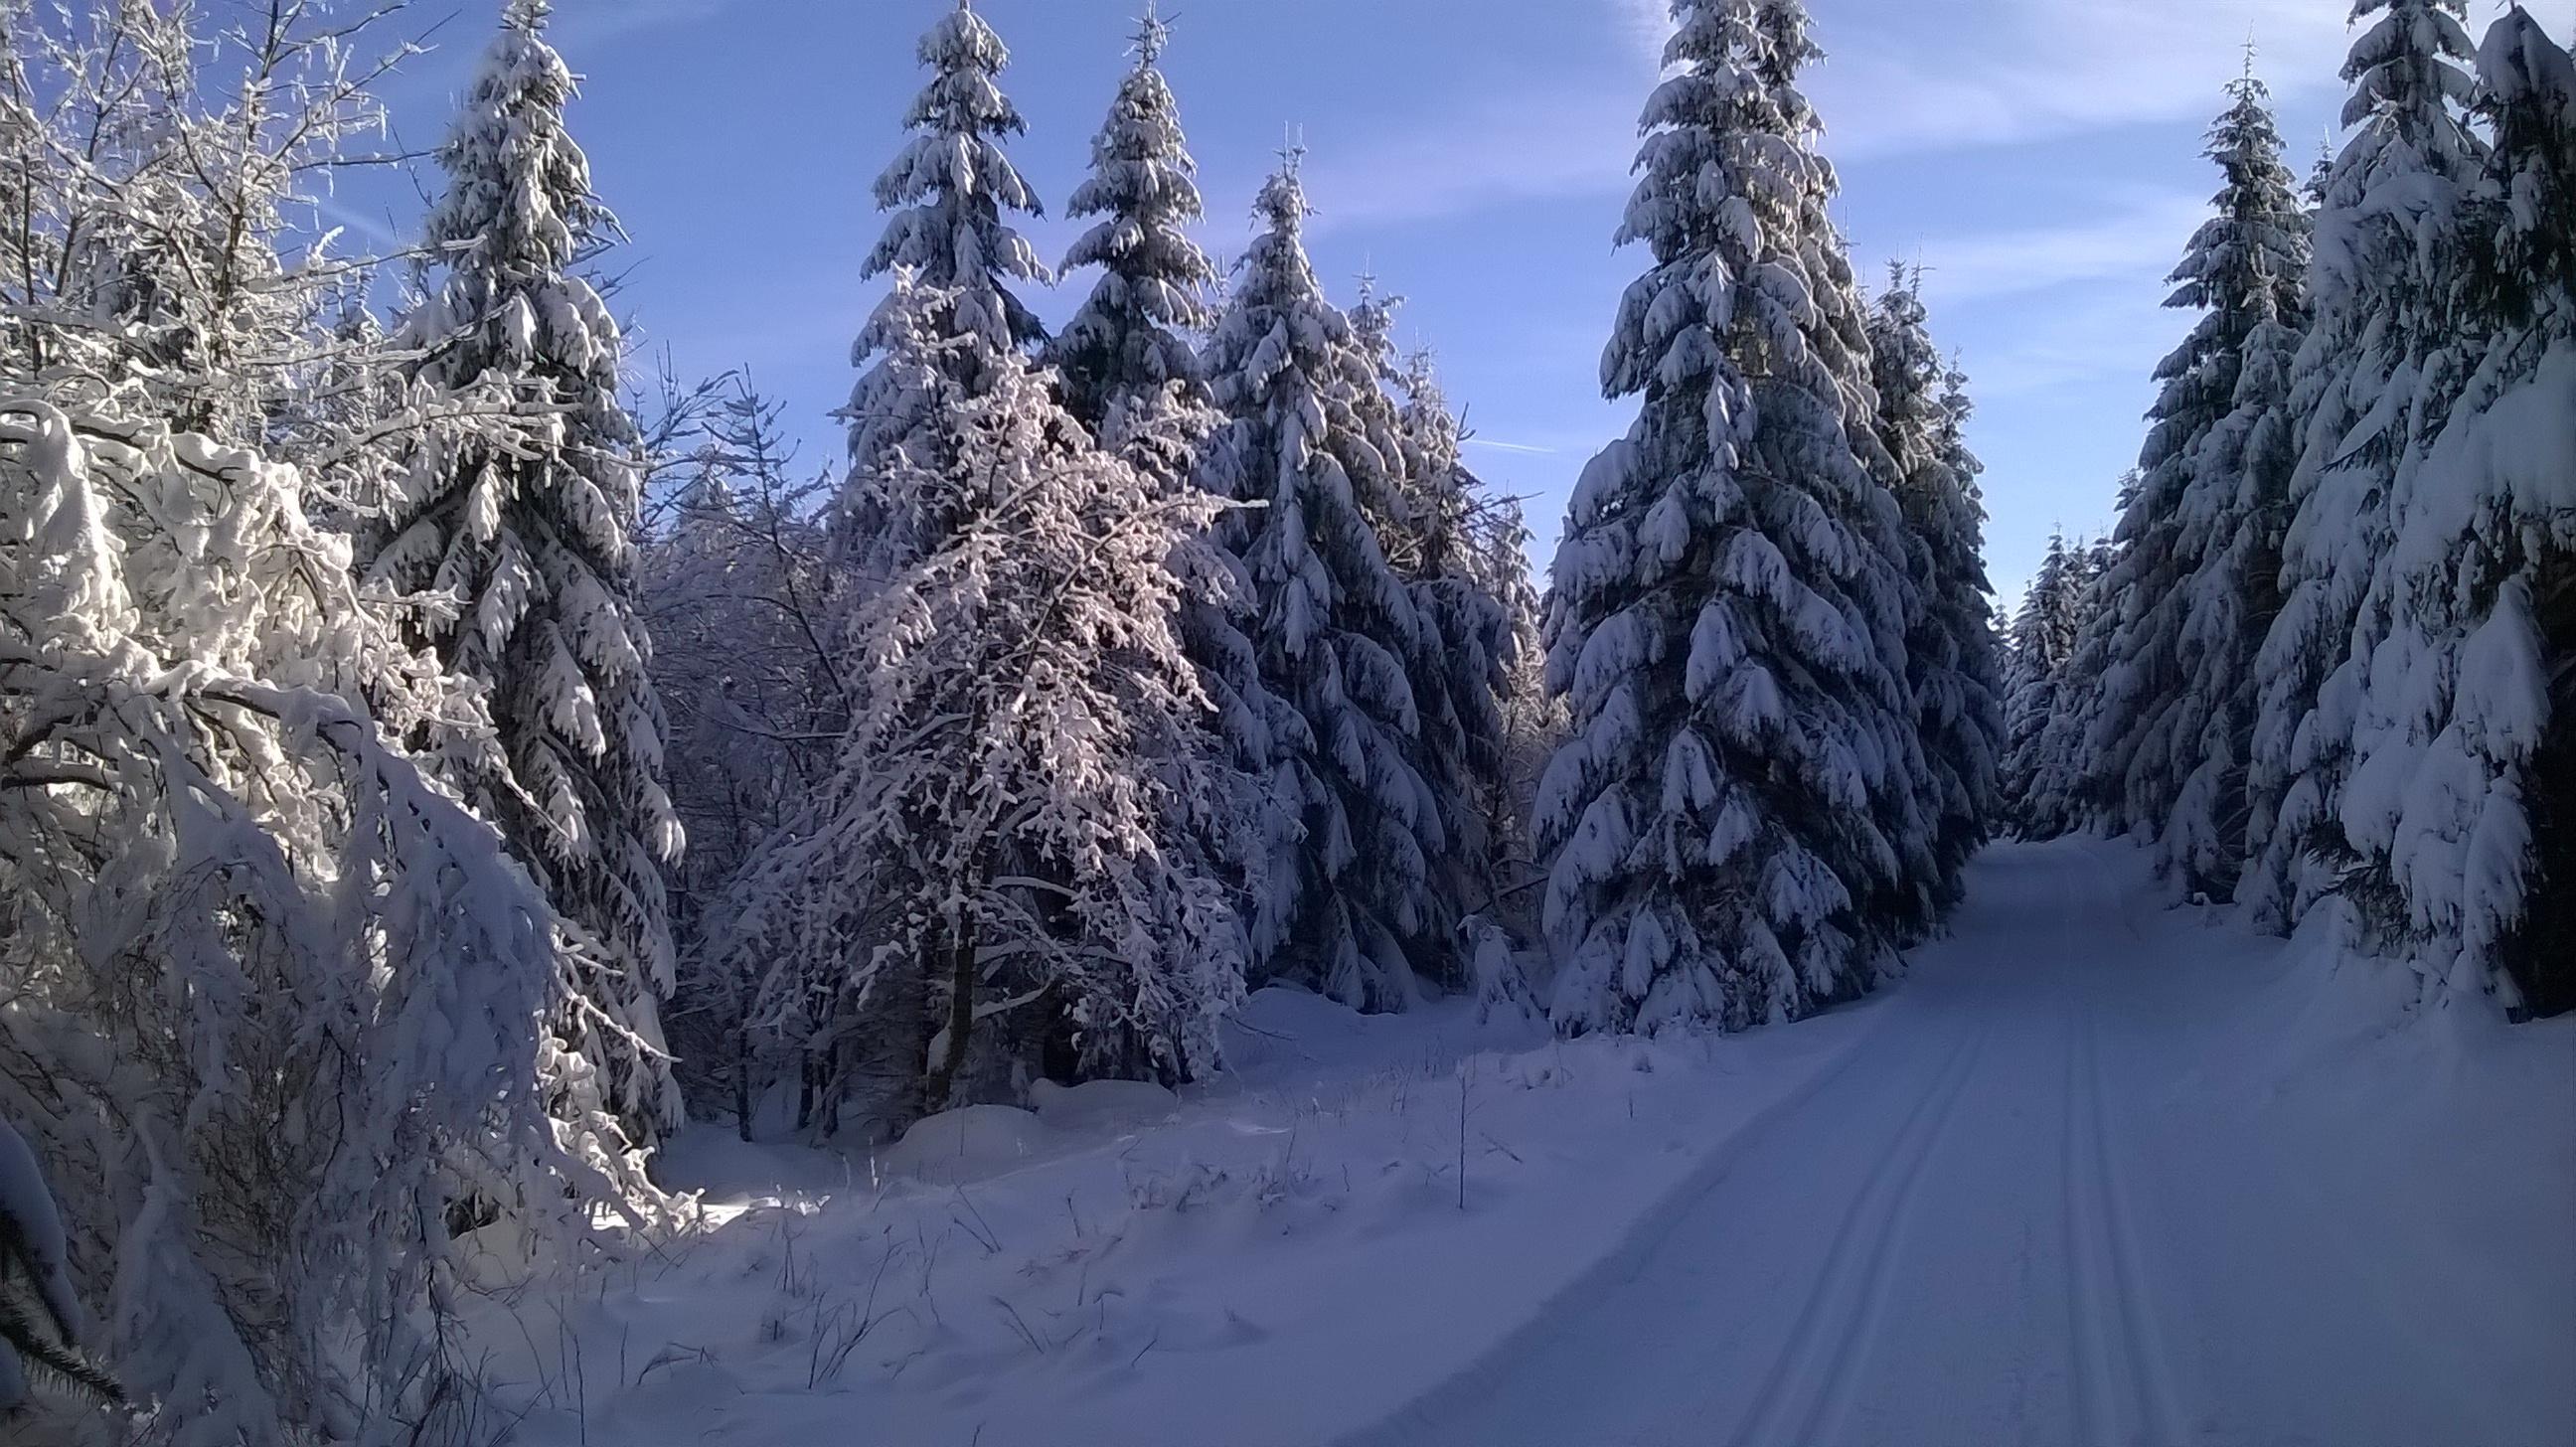 зимний лес фото на телефон частном